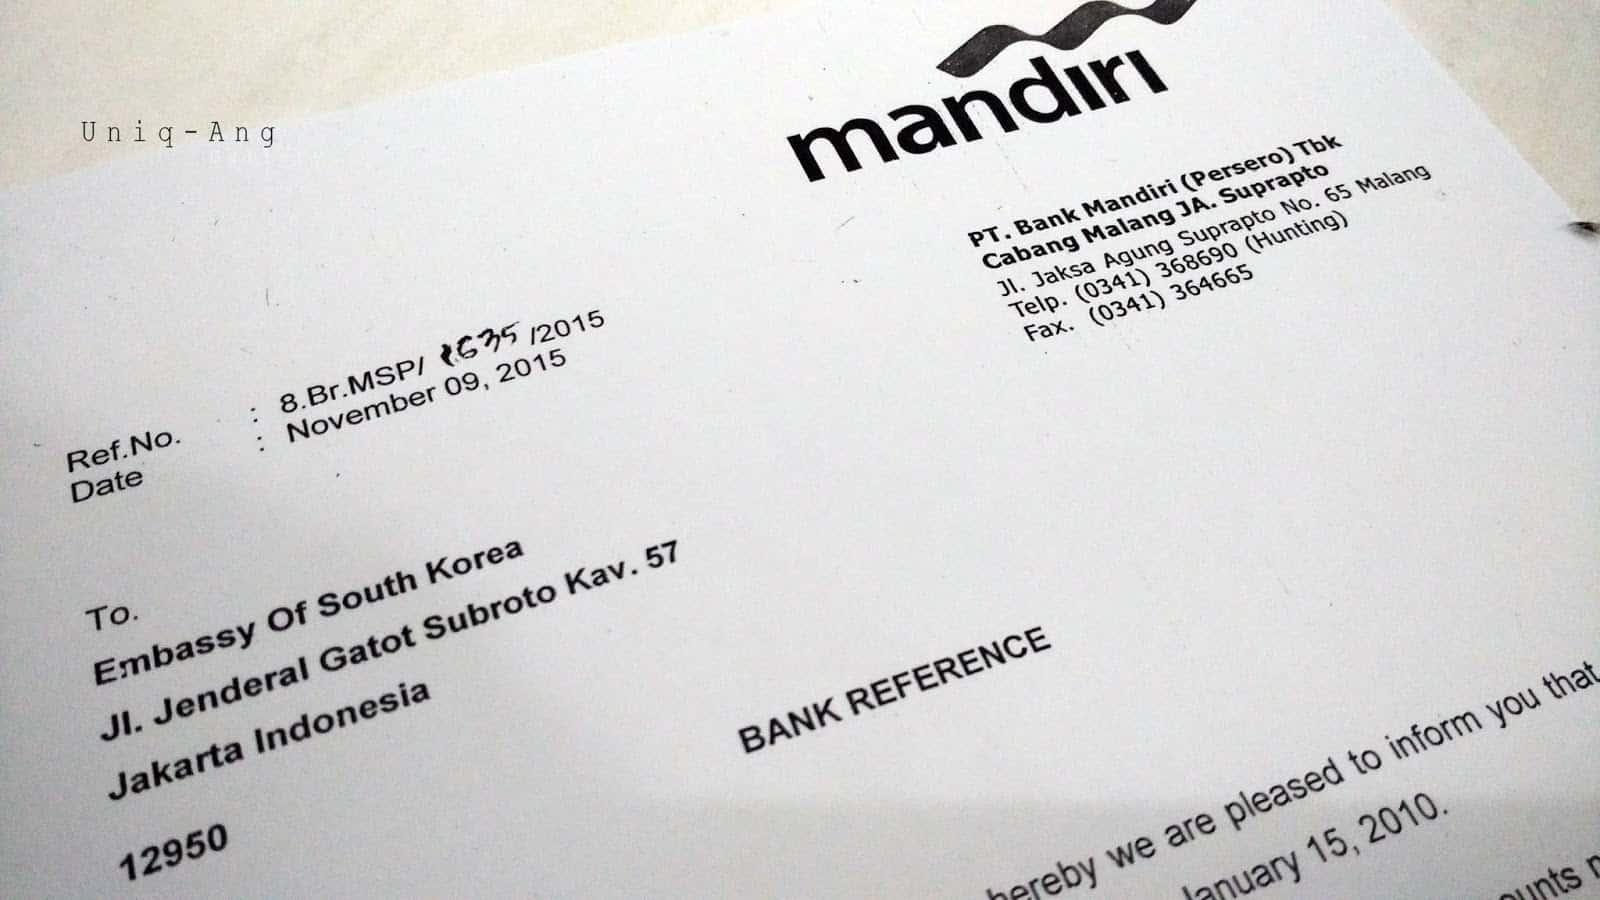 gambar surat referensi bank